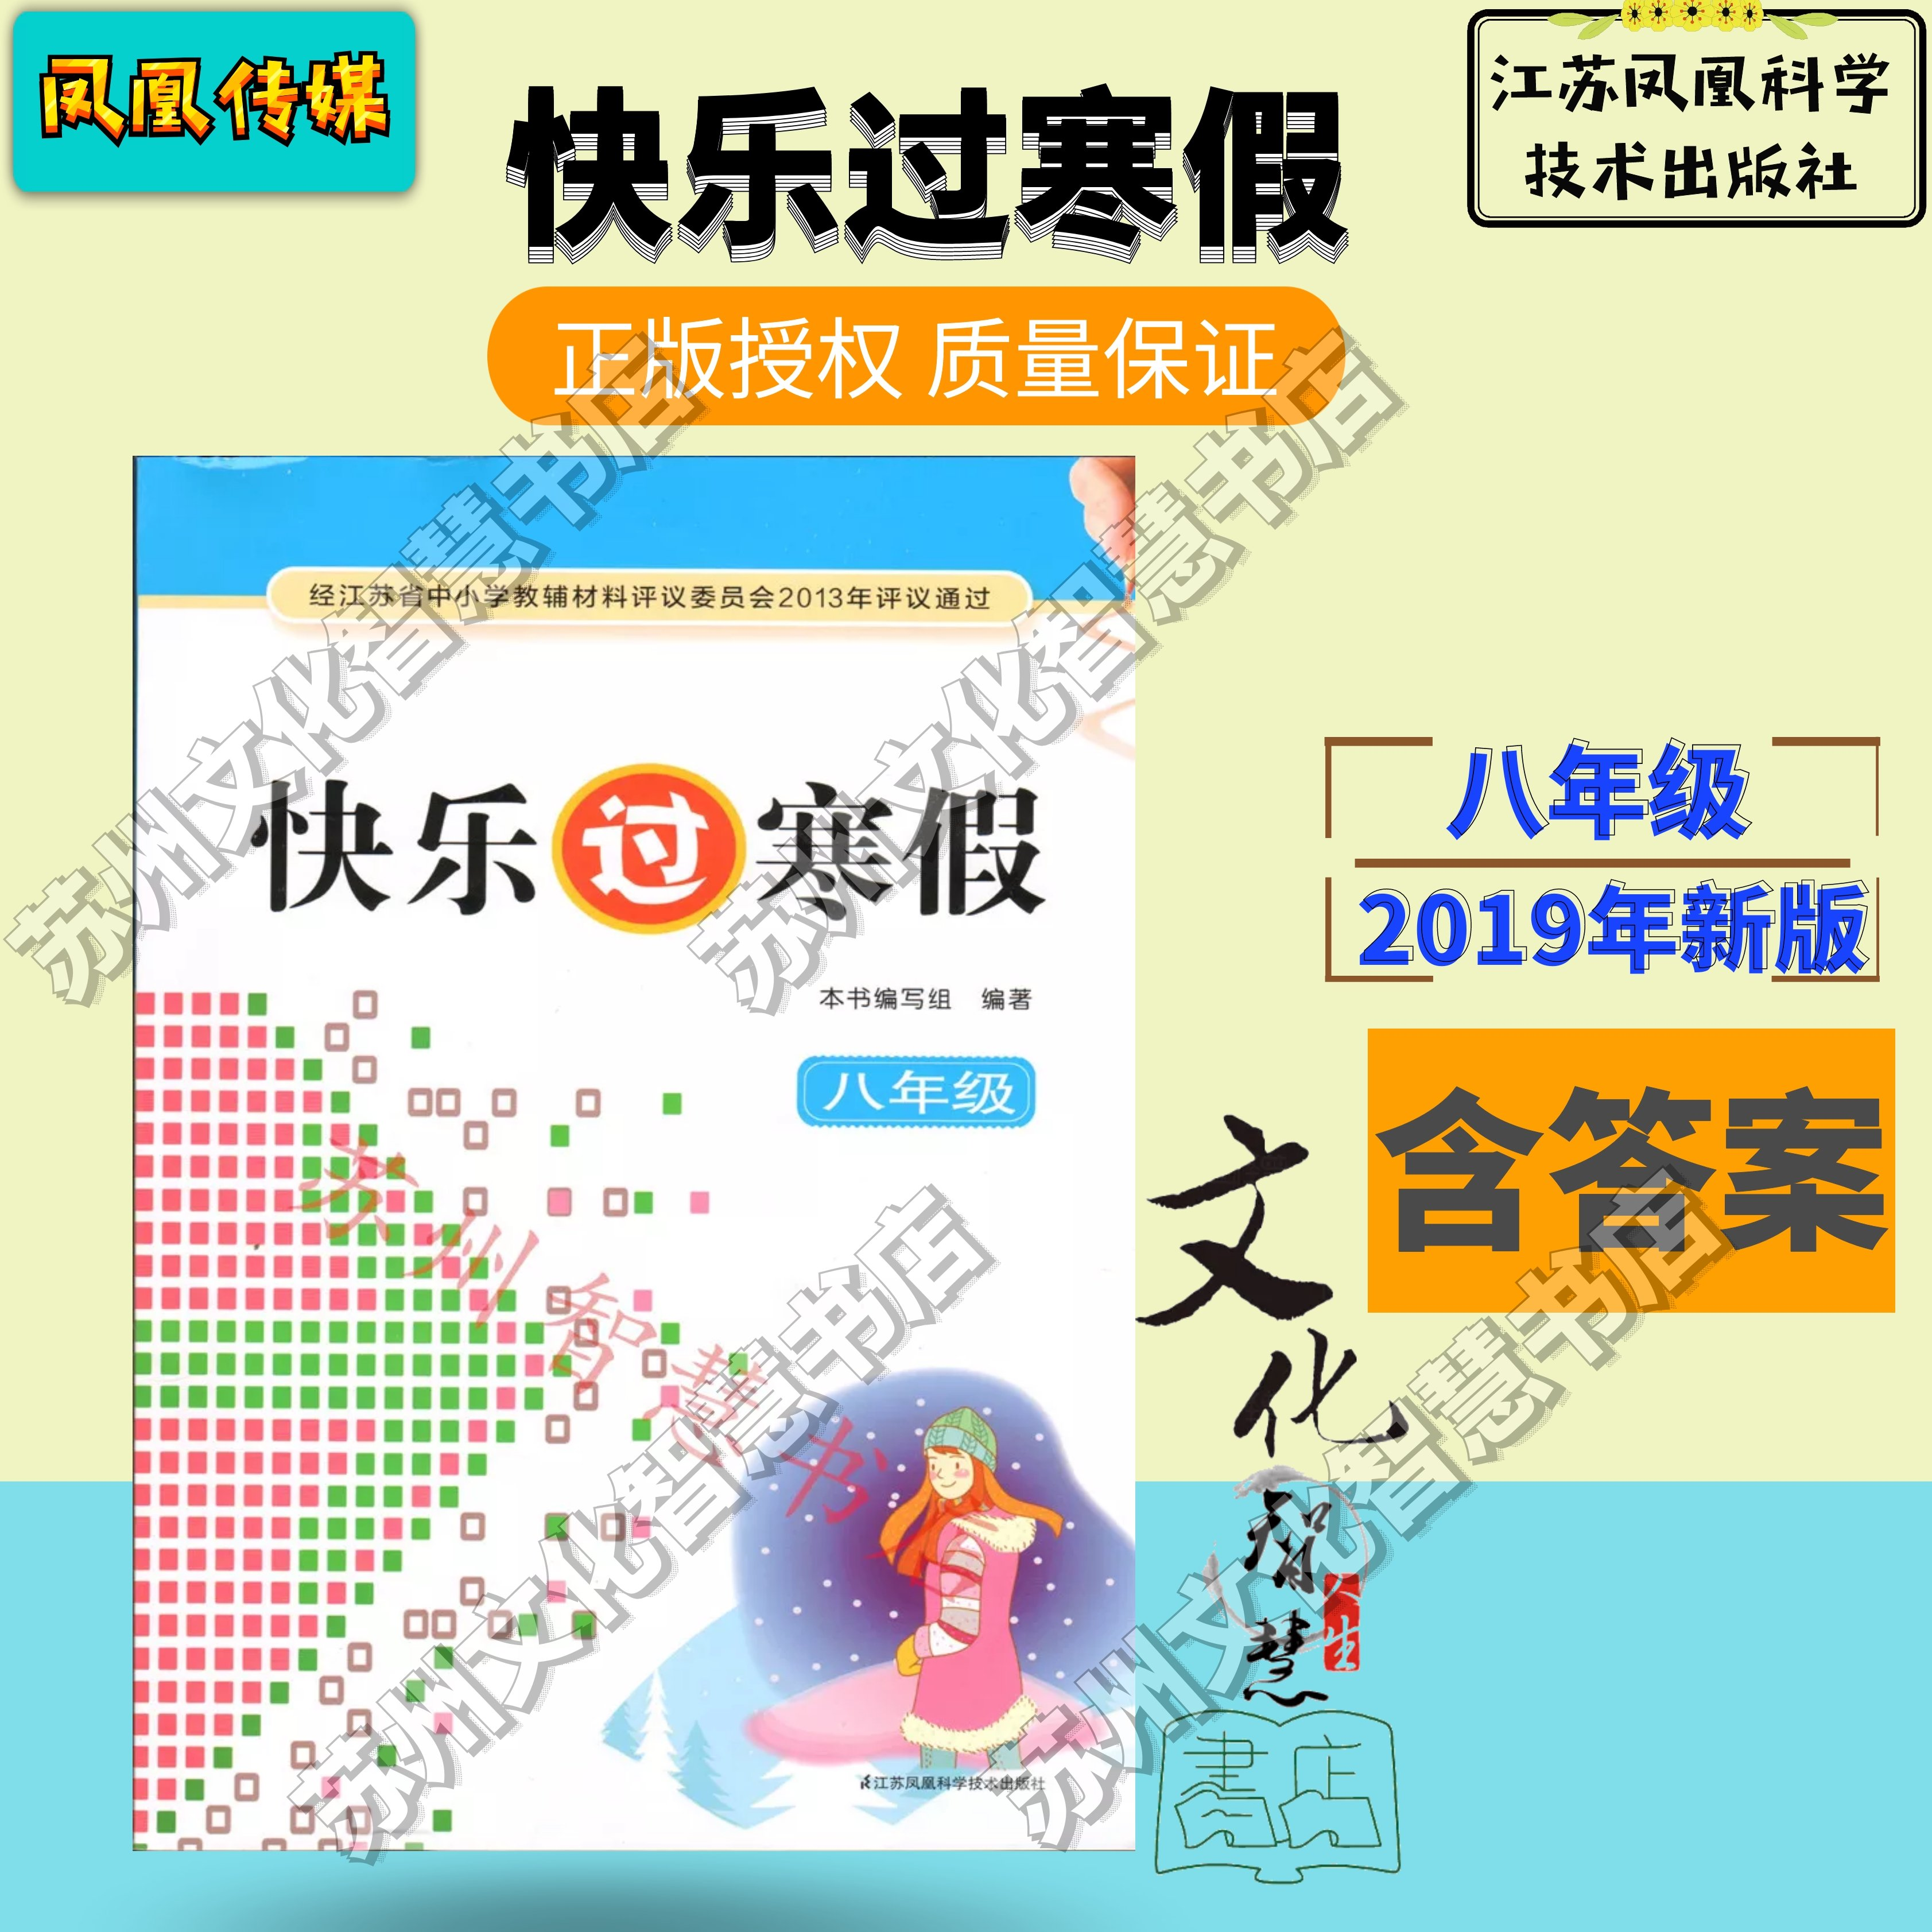 2019快乐过寒假8/八年级语文数学英语物理生物道德与法治地理历史